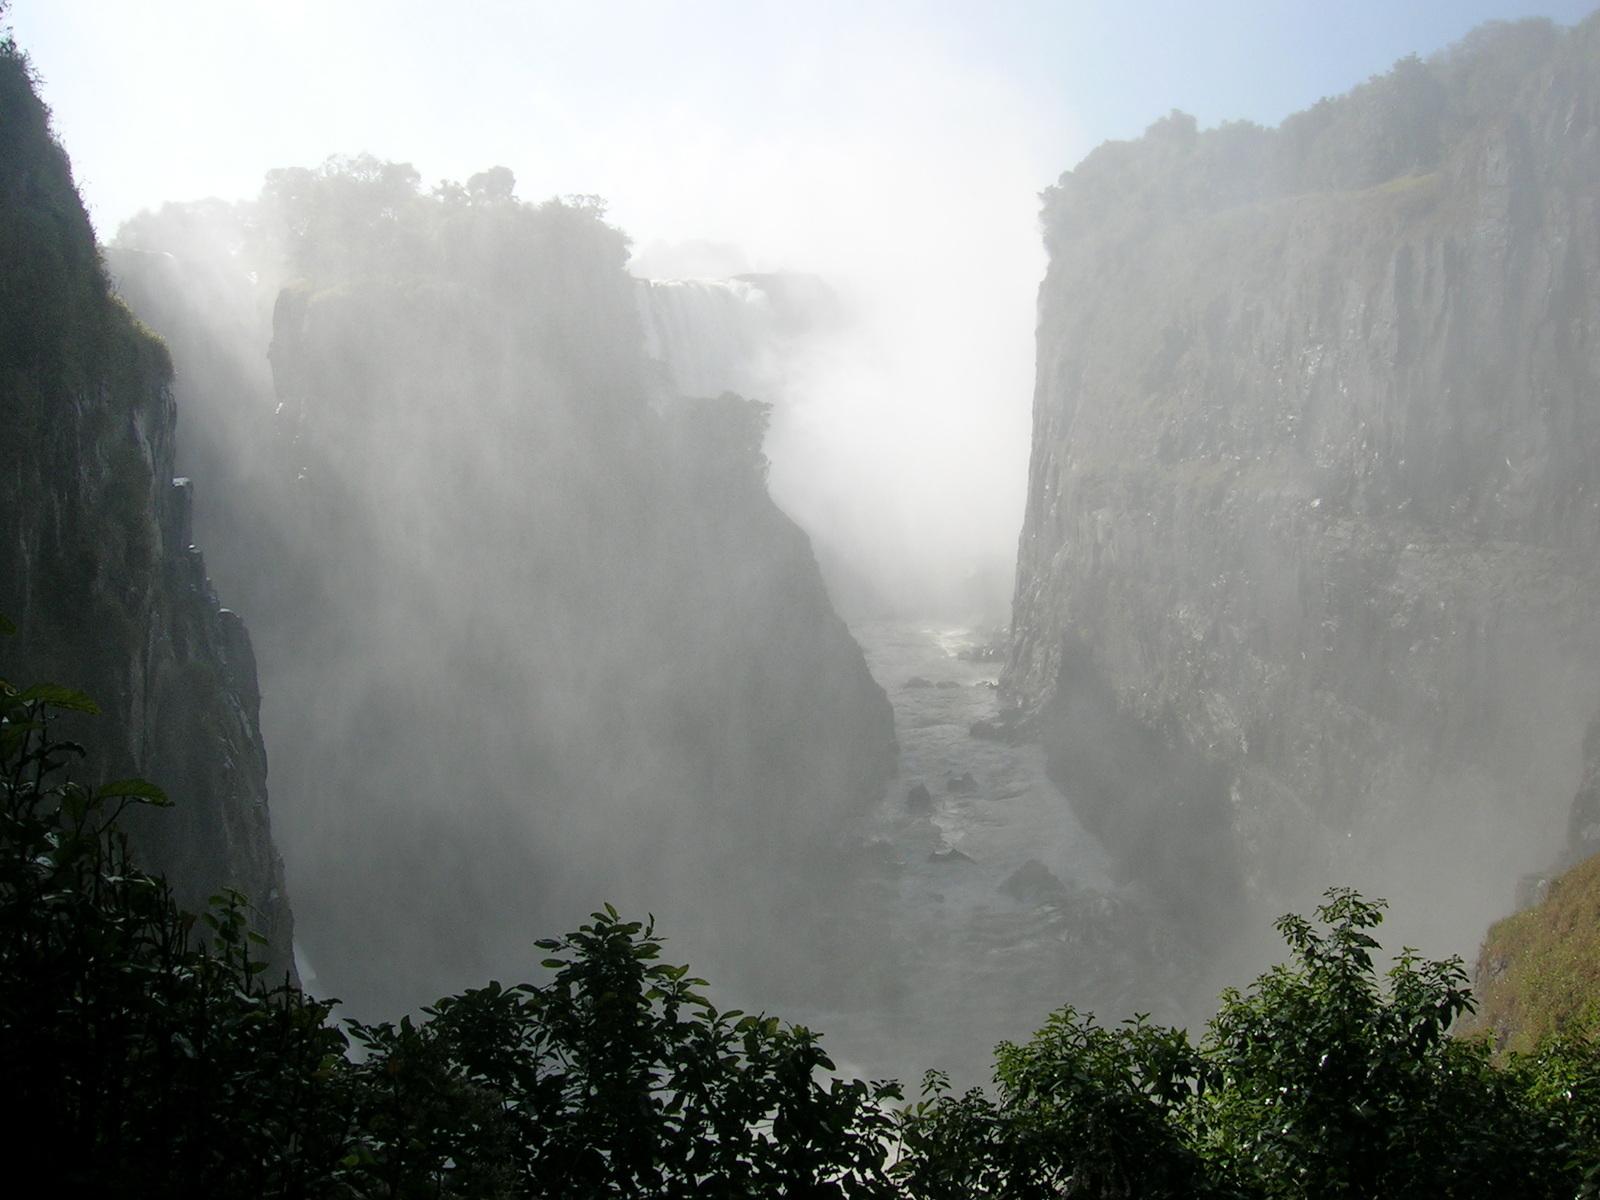 Dscn1673 ビクトリアの滝(ジンバブエ側): 休み休み、とりとめもなく 休み休み、とりとめ